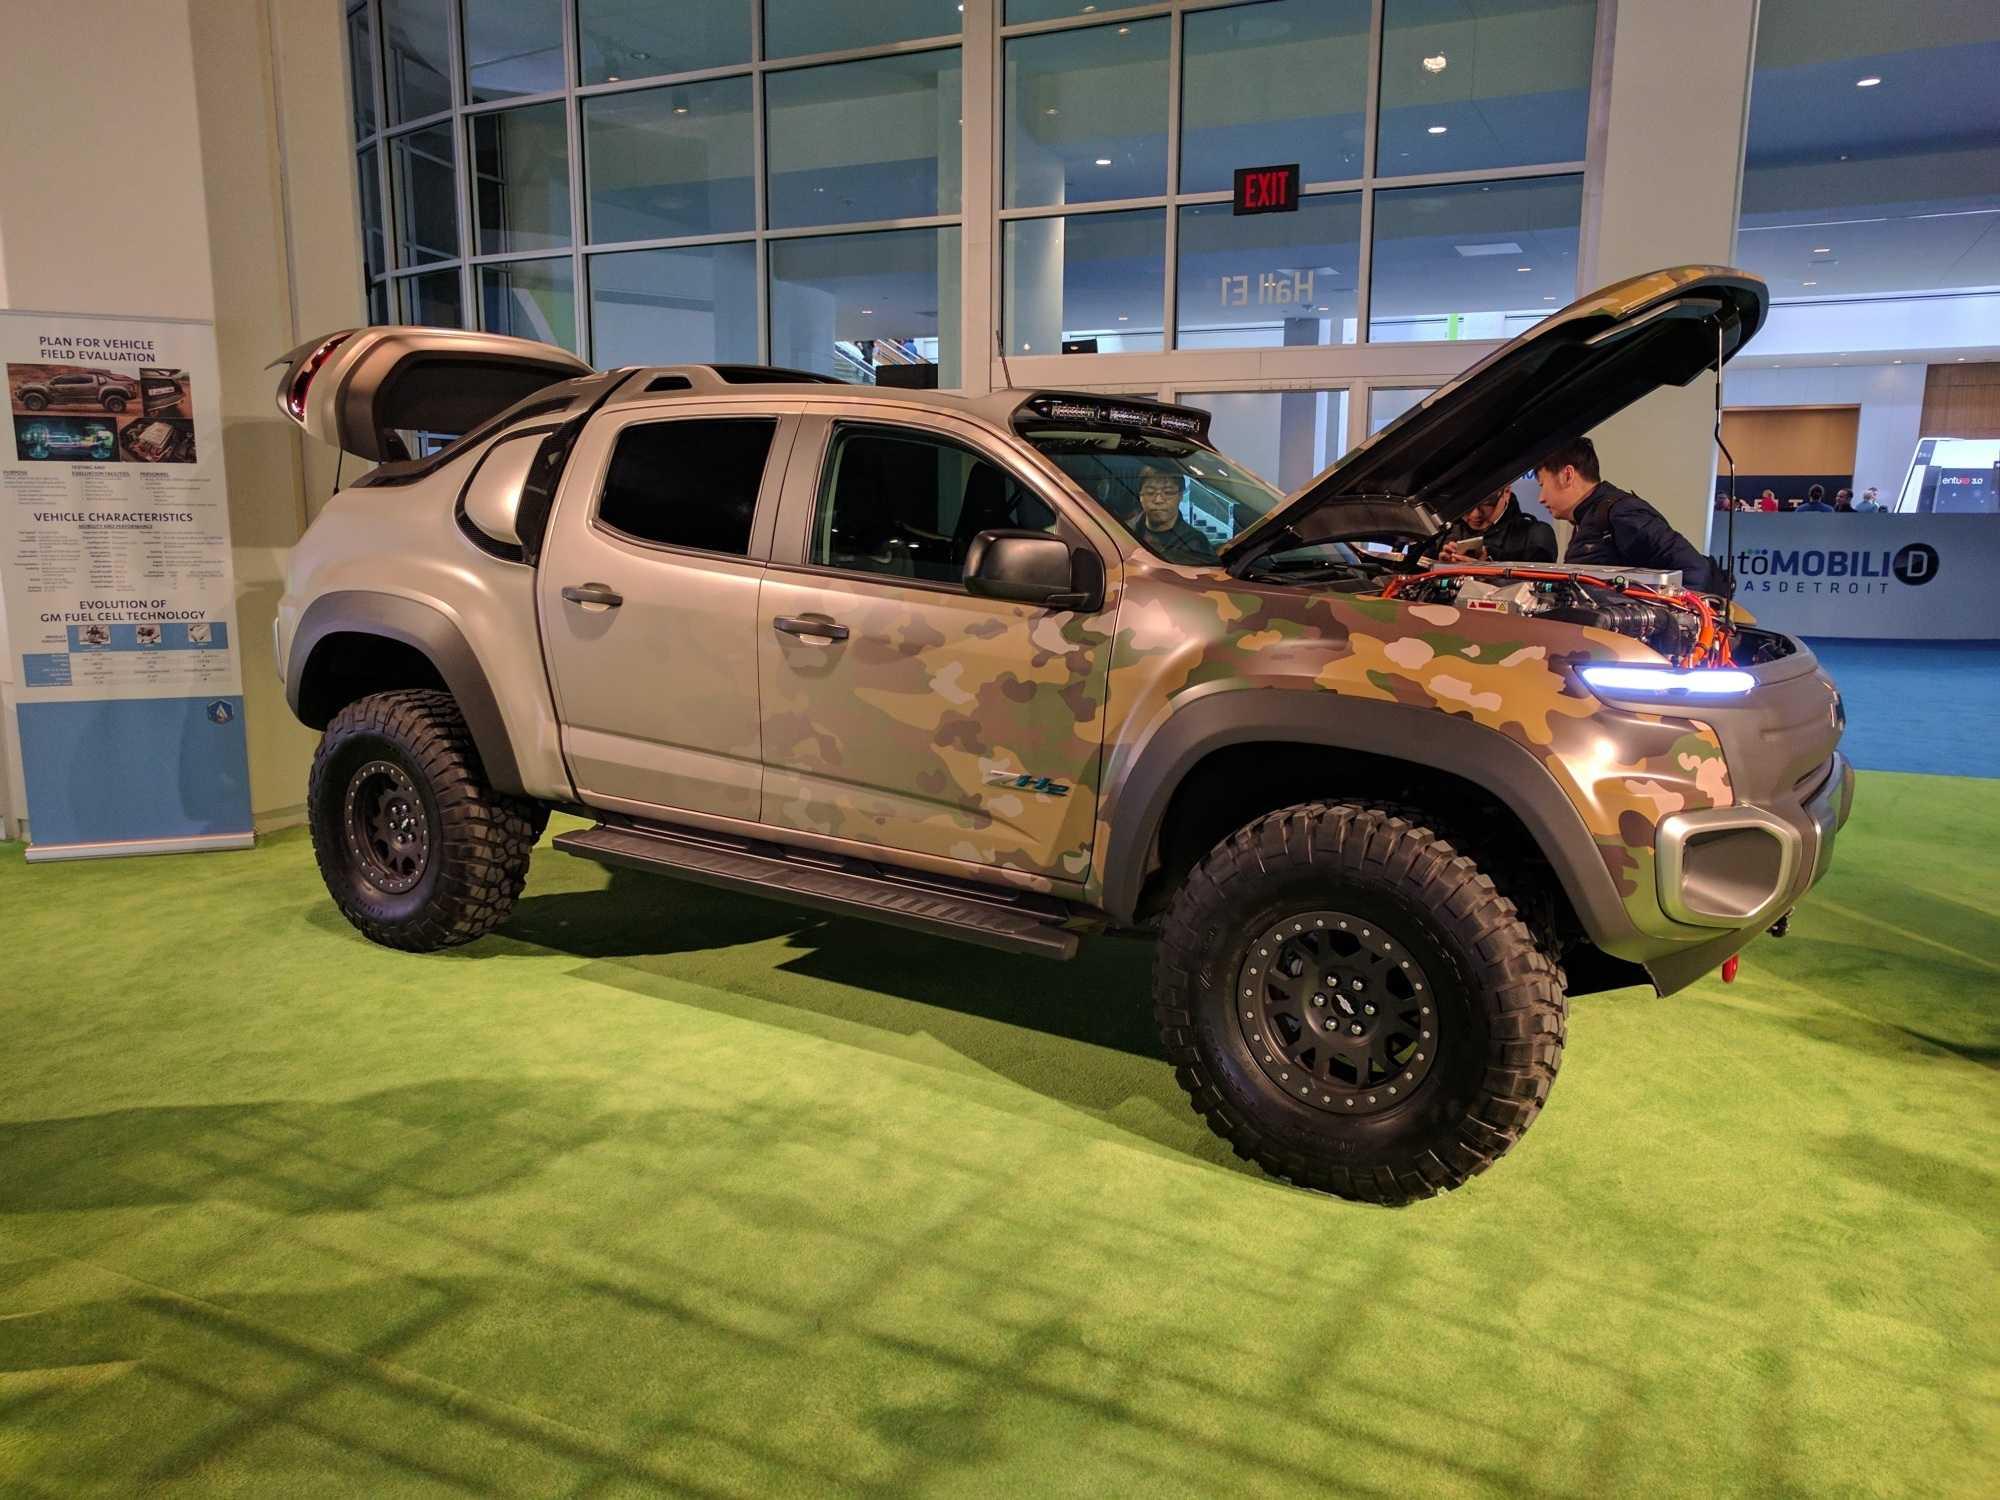 Der Elektroantrieb soll auch im militärischen Einsatz Vorteile bieten.